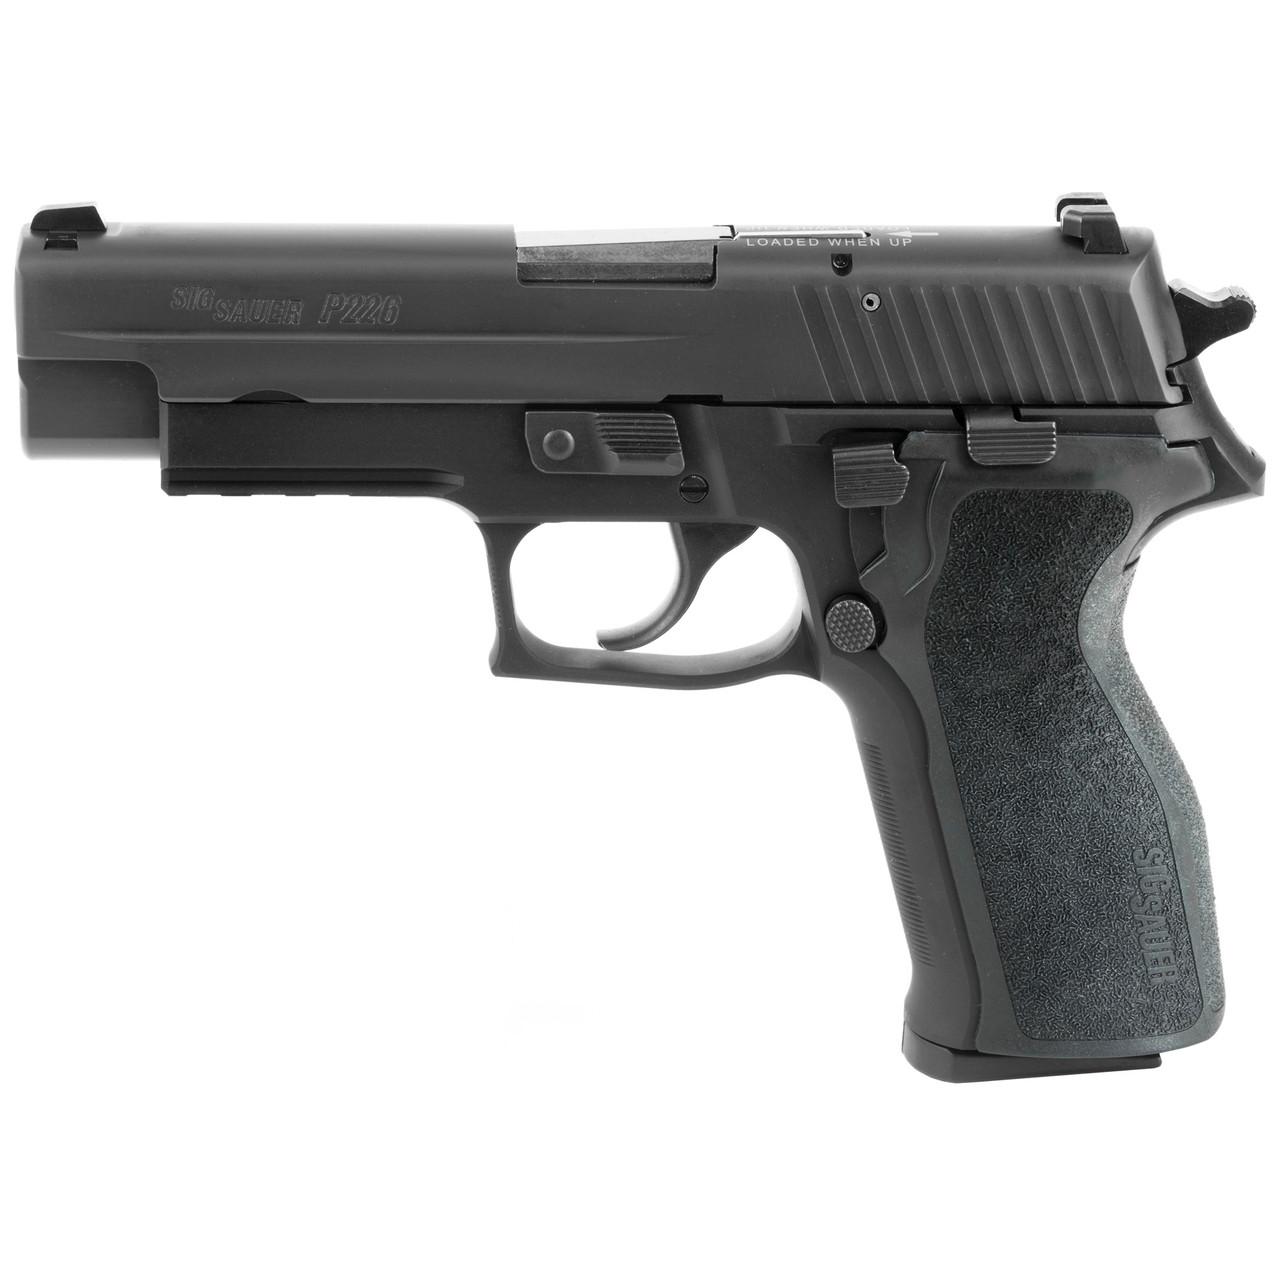 Sig Sauer P226 CALIFORNIA LEGAL - .40S&W